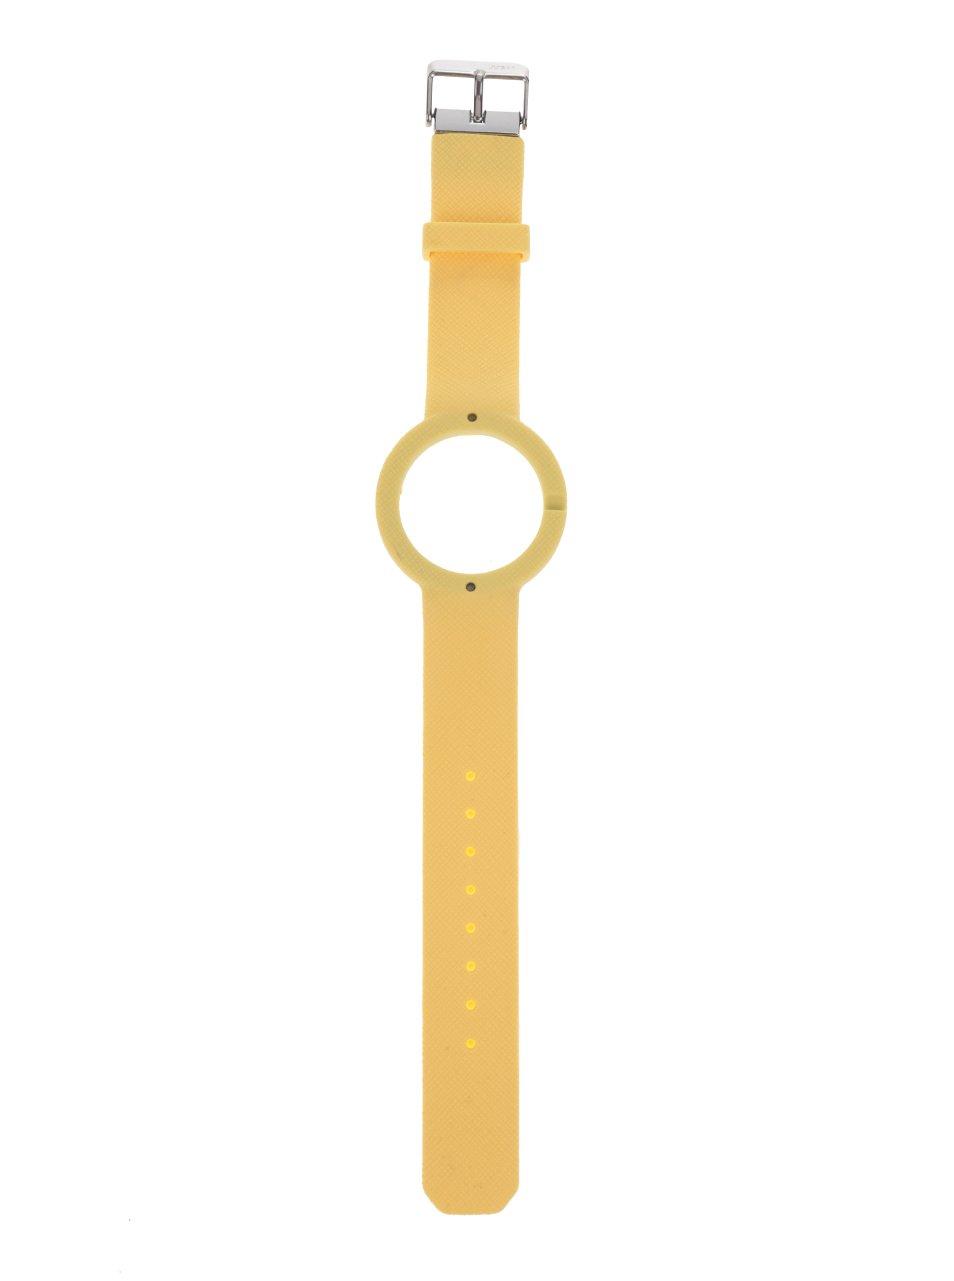 Žlutý gumový pásek k hodinkám Ju'sto Giallo 40 mm